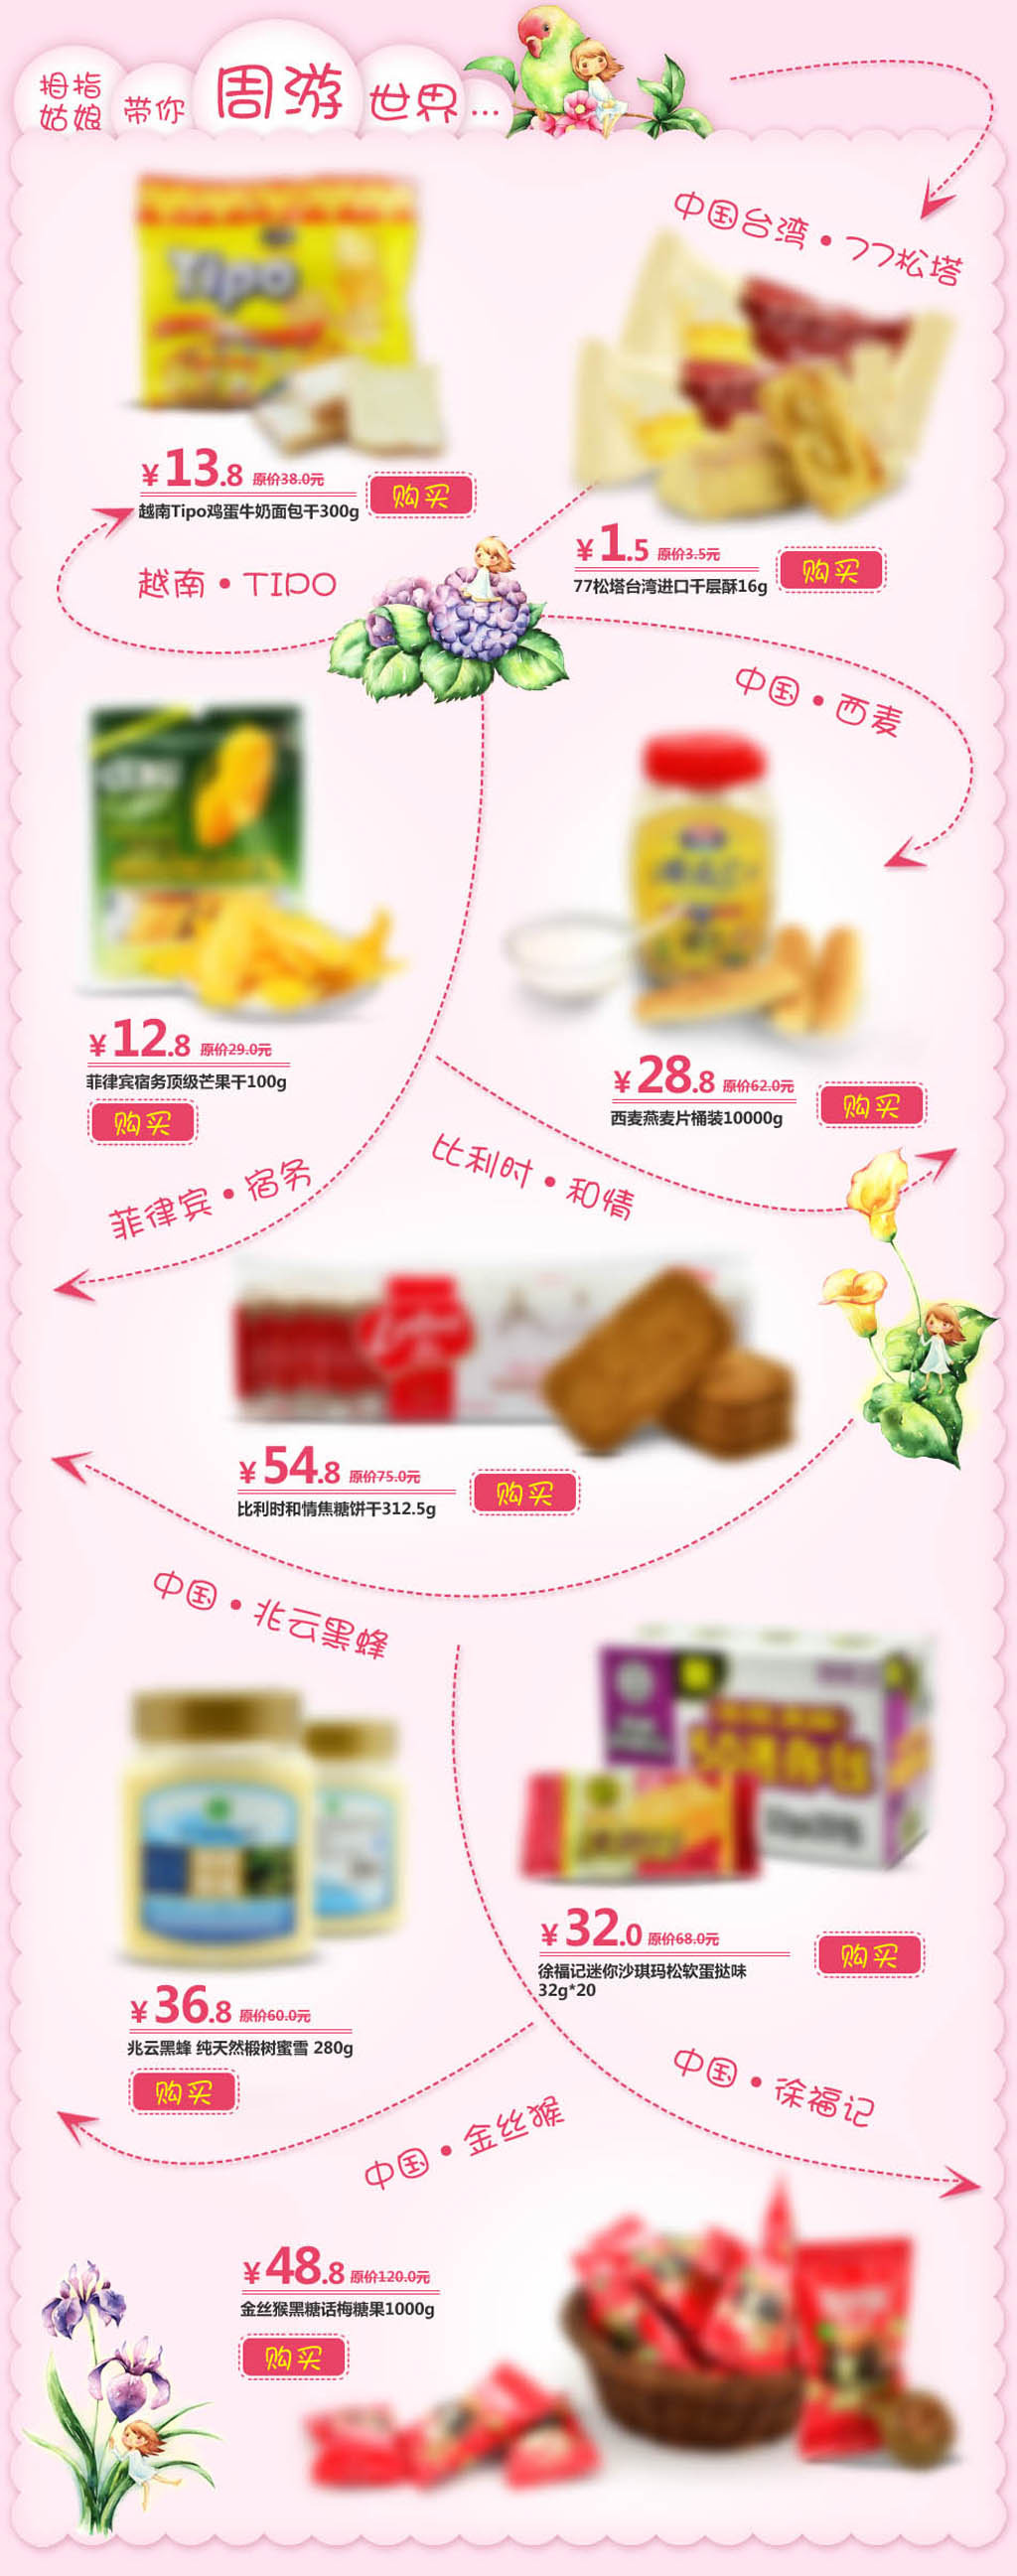 淘宝食品特产关联销售详情页模板模板下载 11718997 淘宝详情页 淘宝